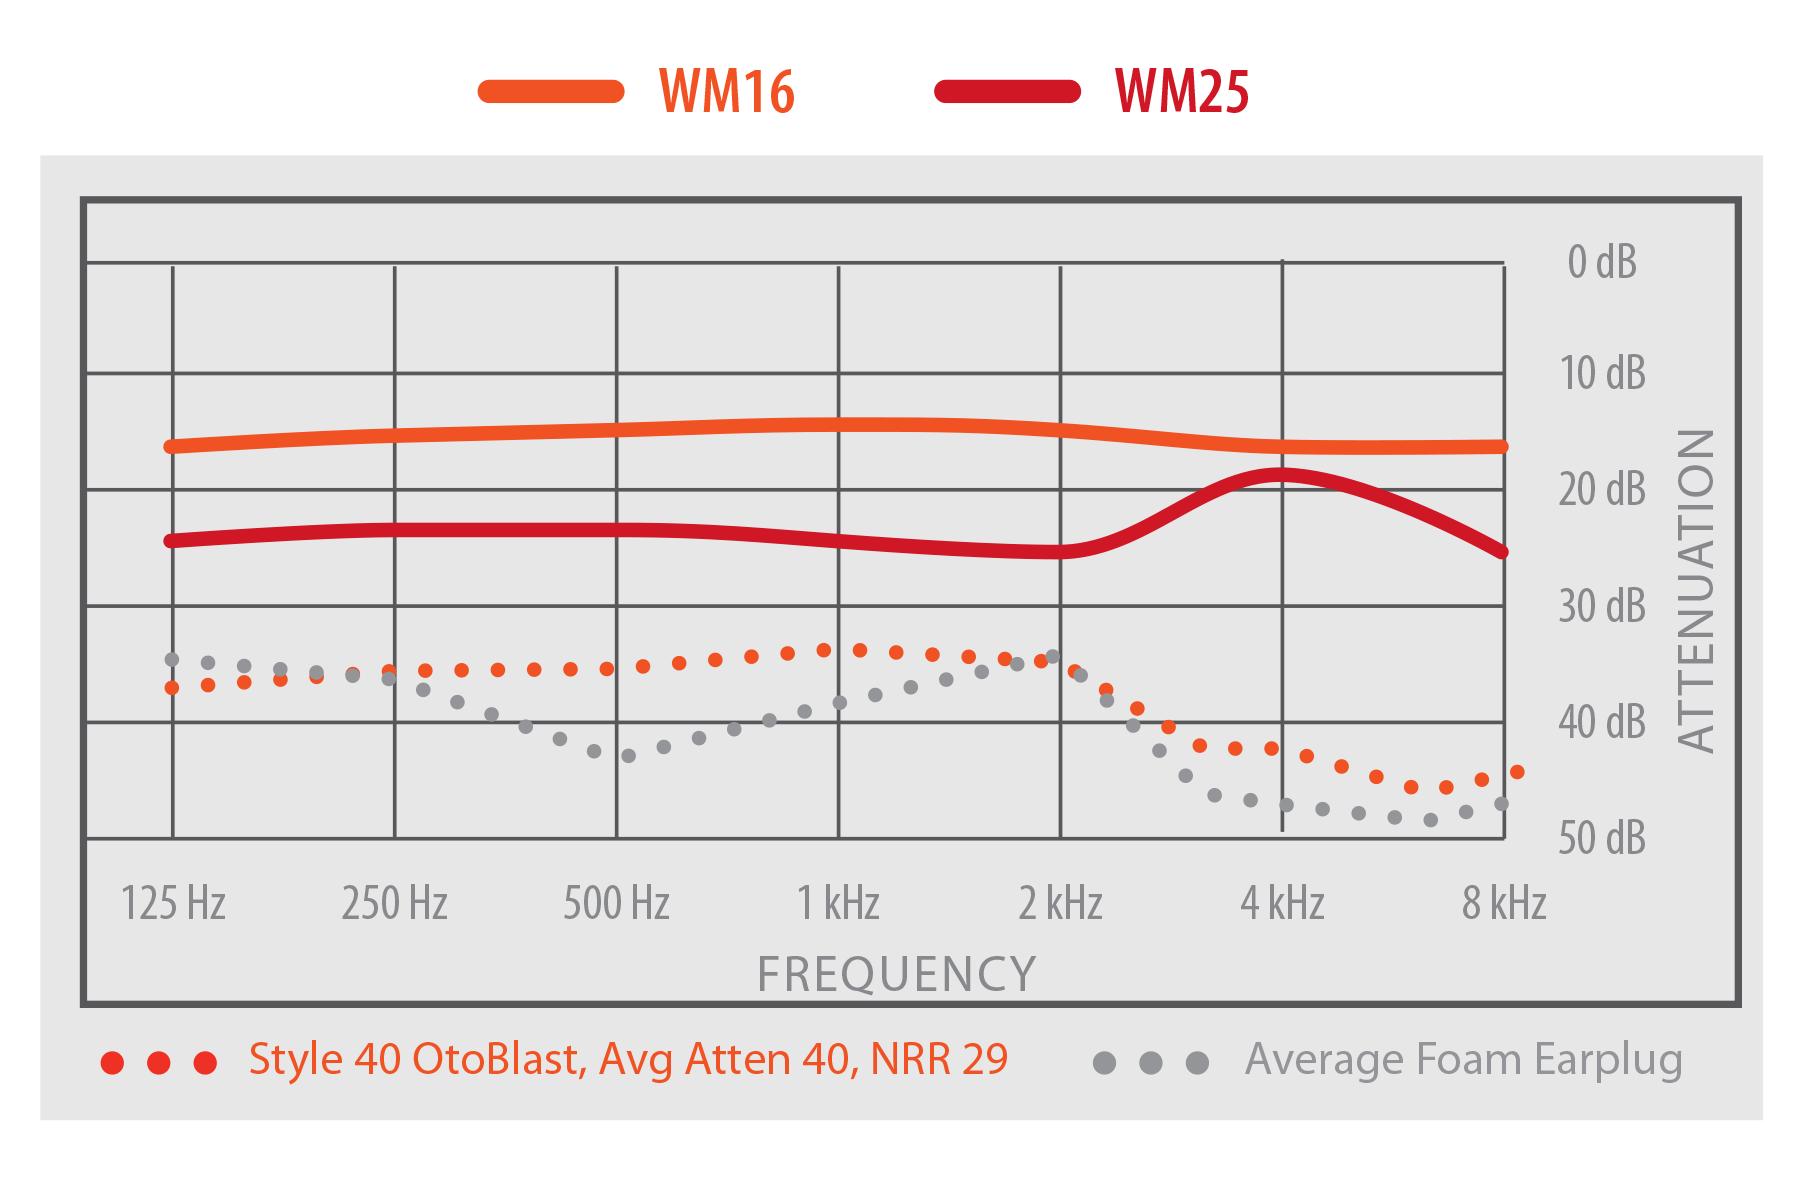 TRU Universal WM16 NRR Chart